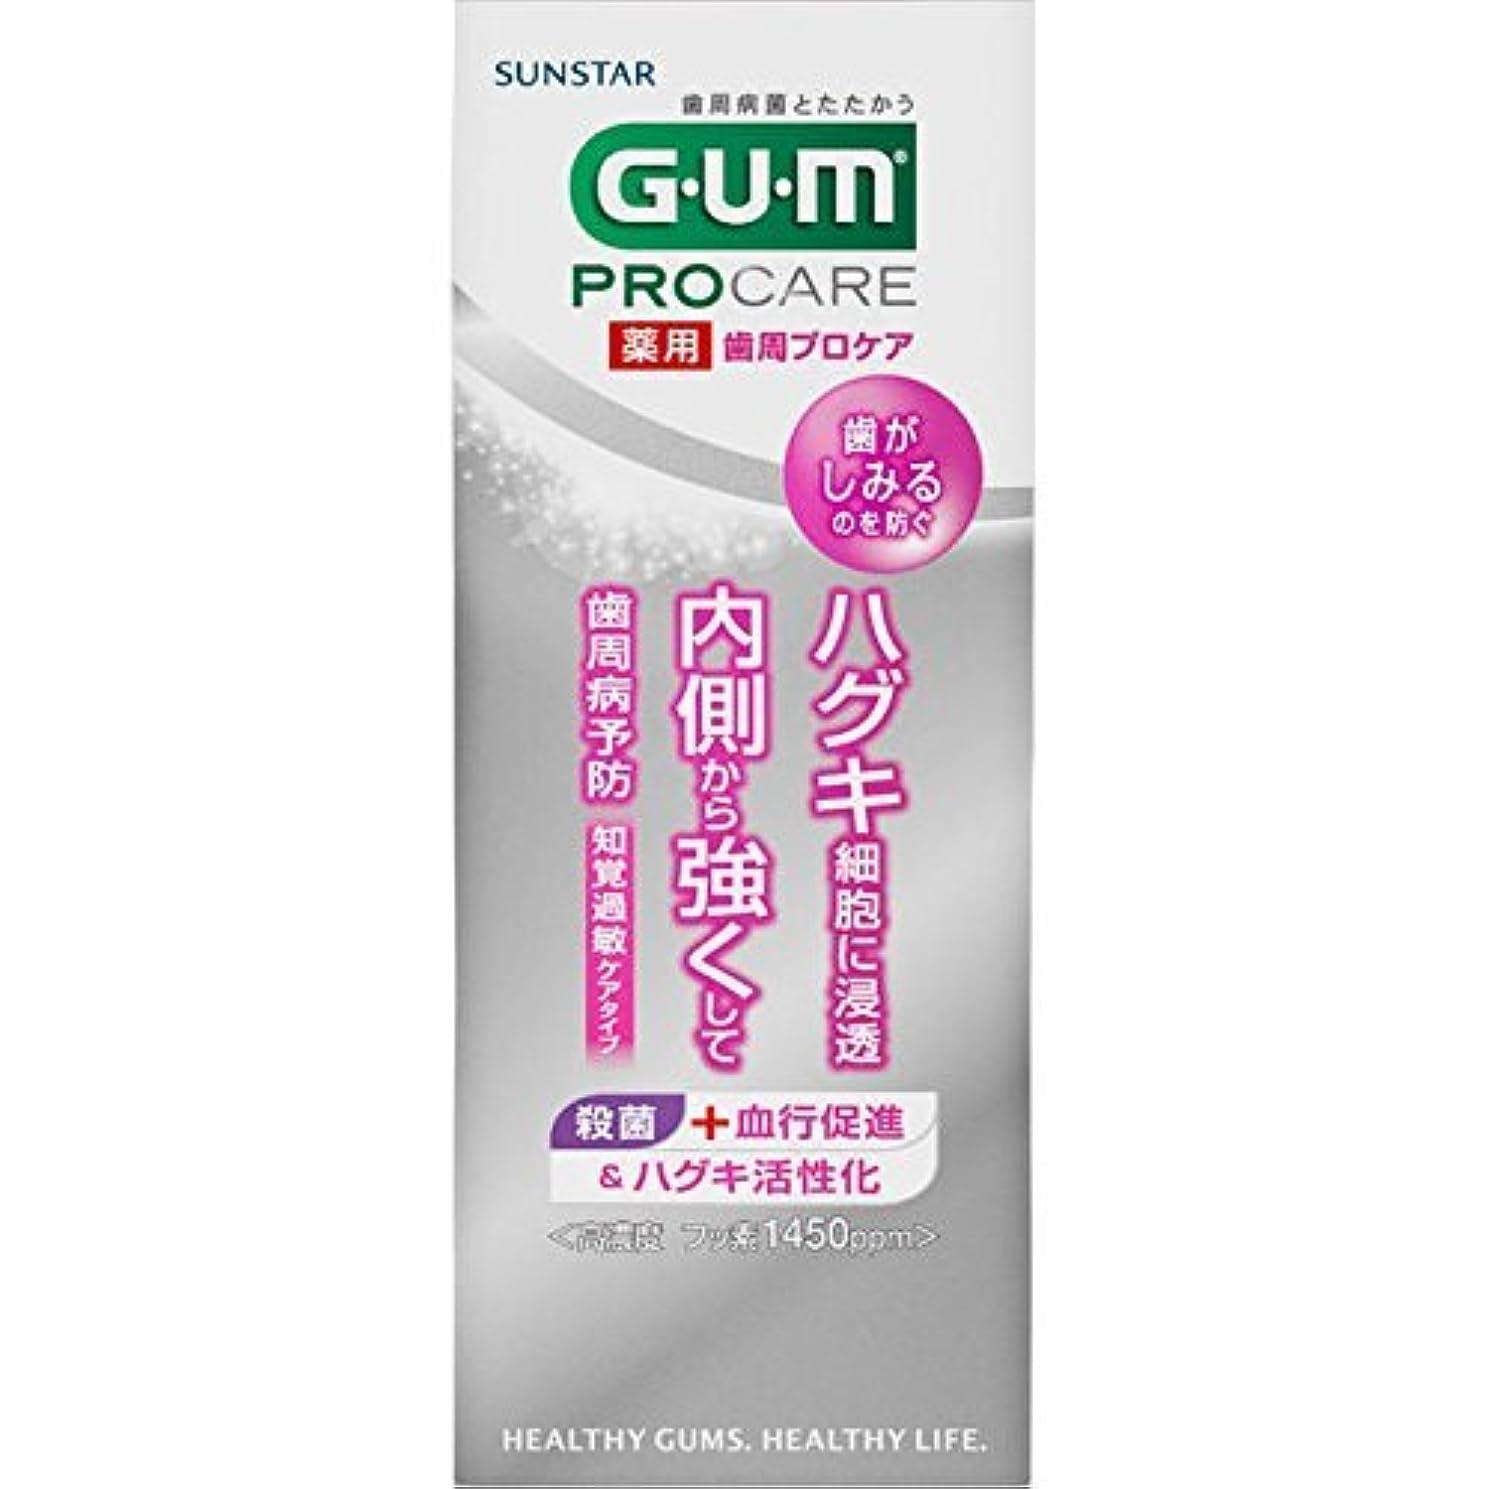 影響を受けやすいです右襲撃[医薬部外品] GUM(ガム) 歯周プロケア 歯みがき 48g <歯周病予防 ハグキケア 高濃度フッ素配合1,450ppm 知覚過敏予防>